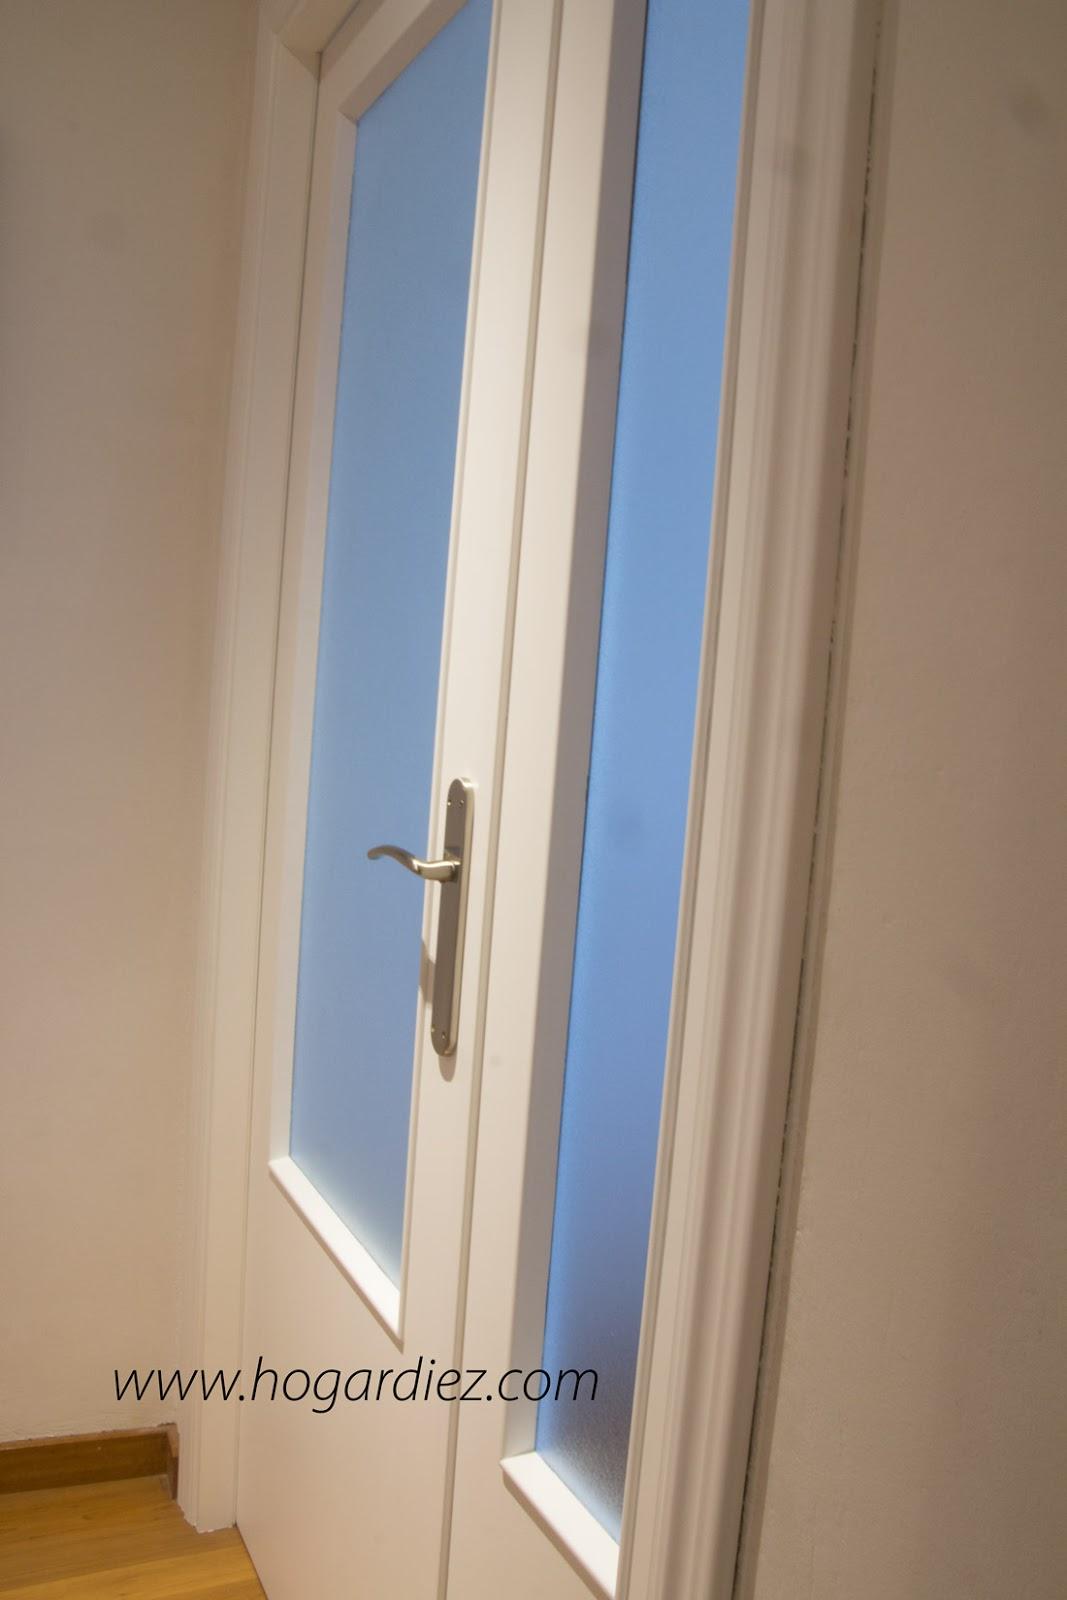 Hogar diez antes y despu s de mis puertas lacadas en blanco - Puertas lacadas en blanco ...